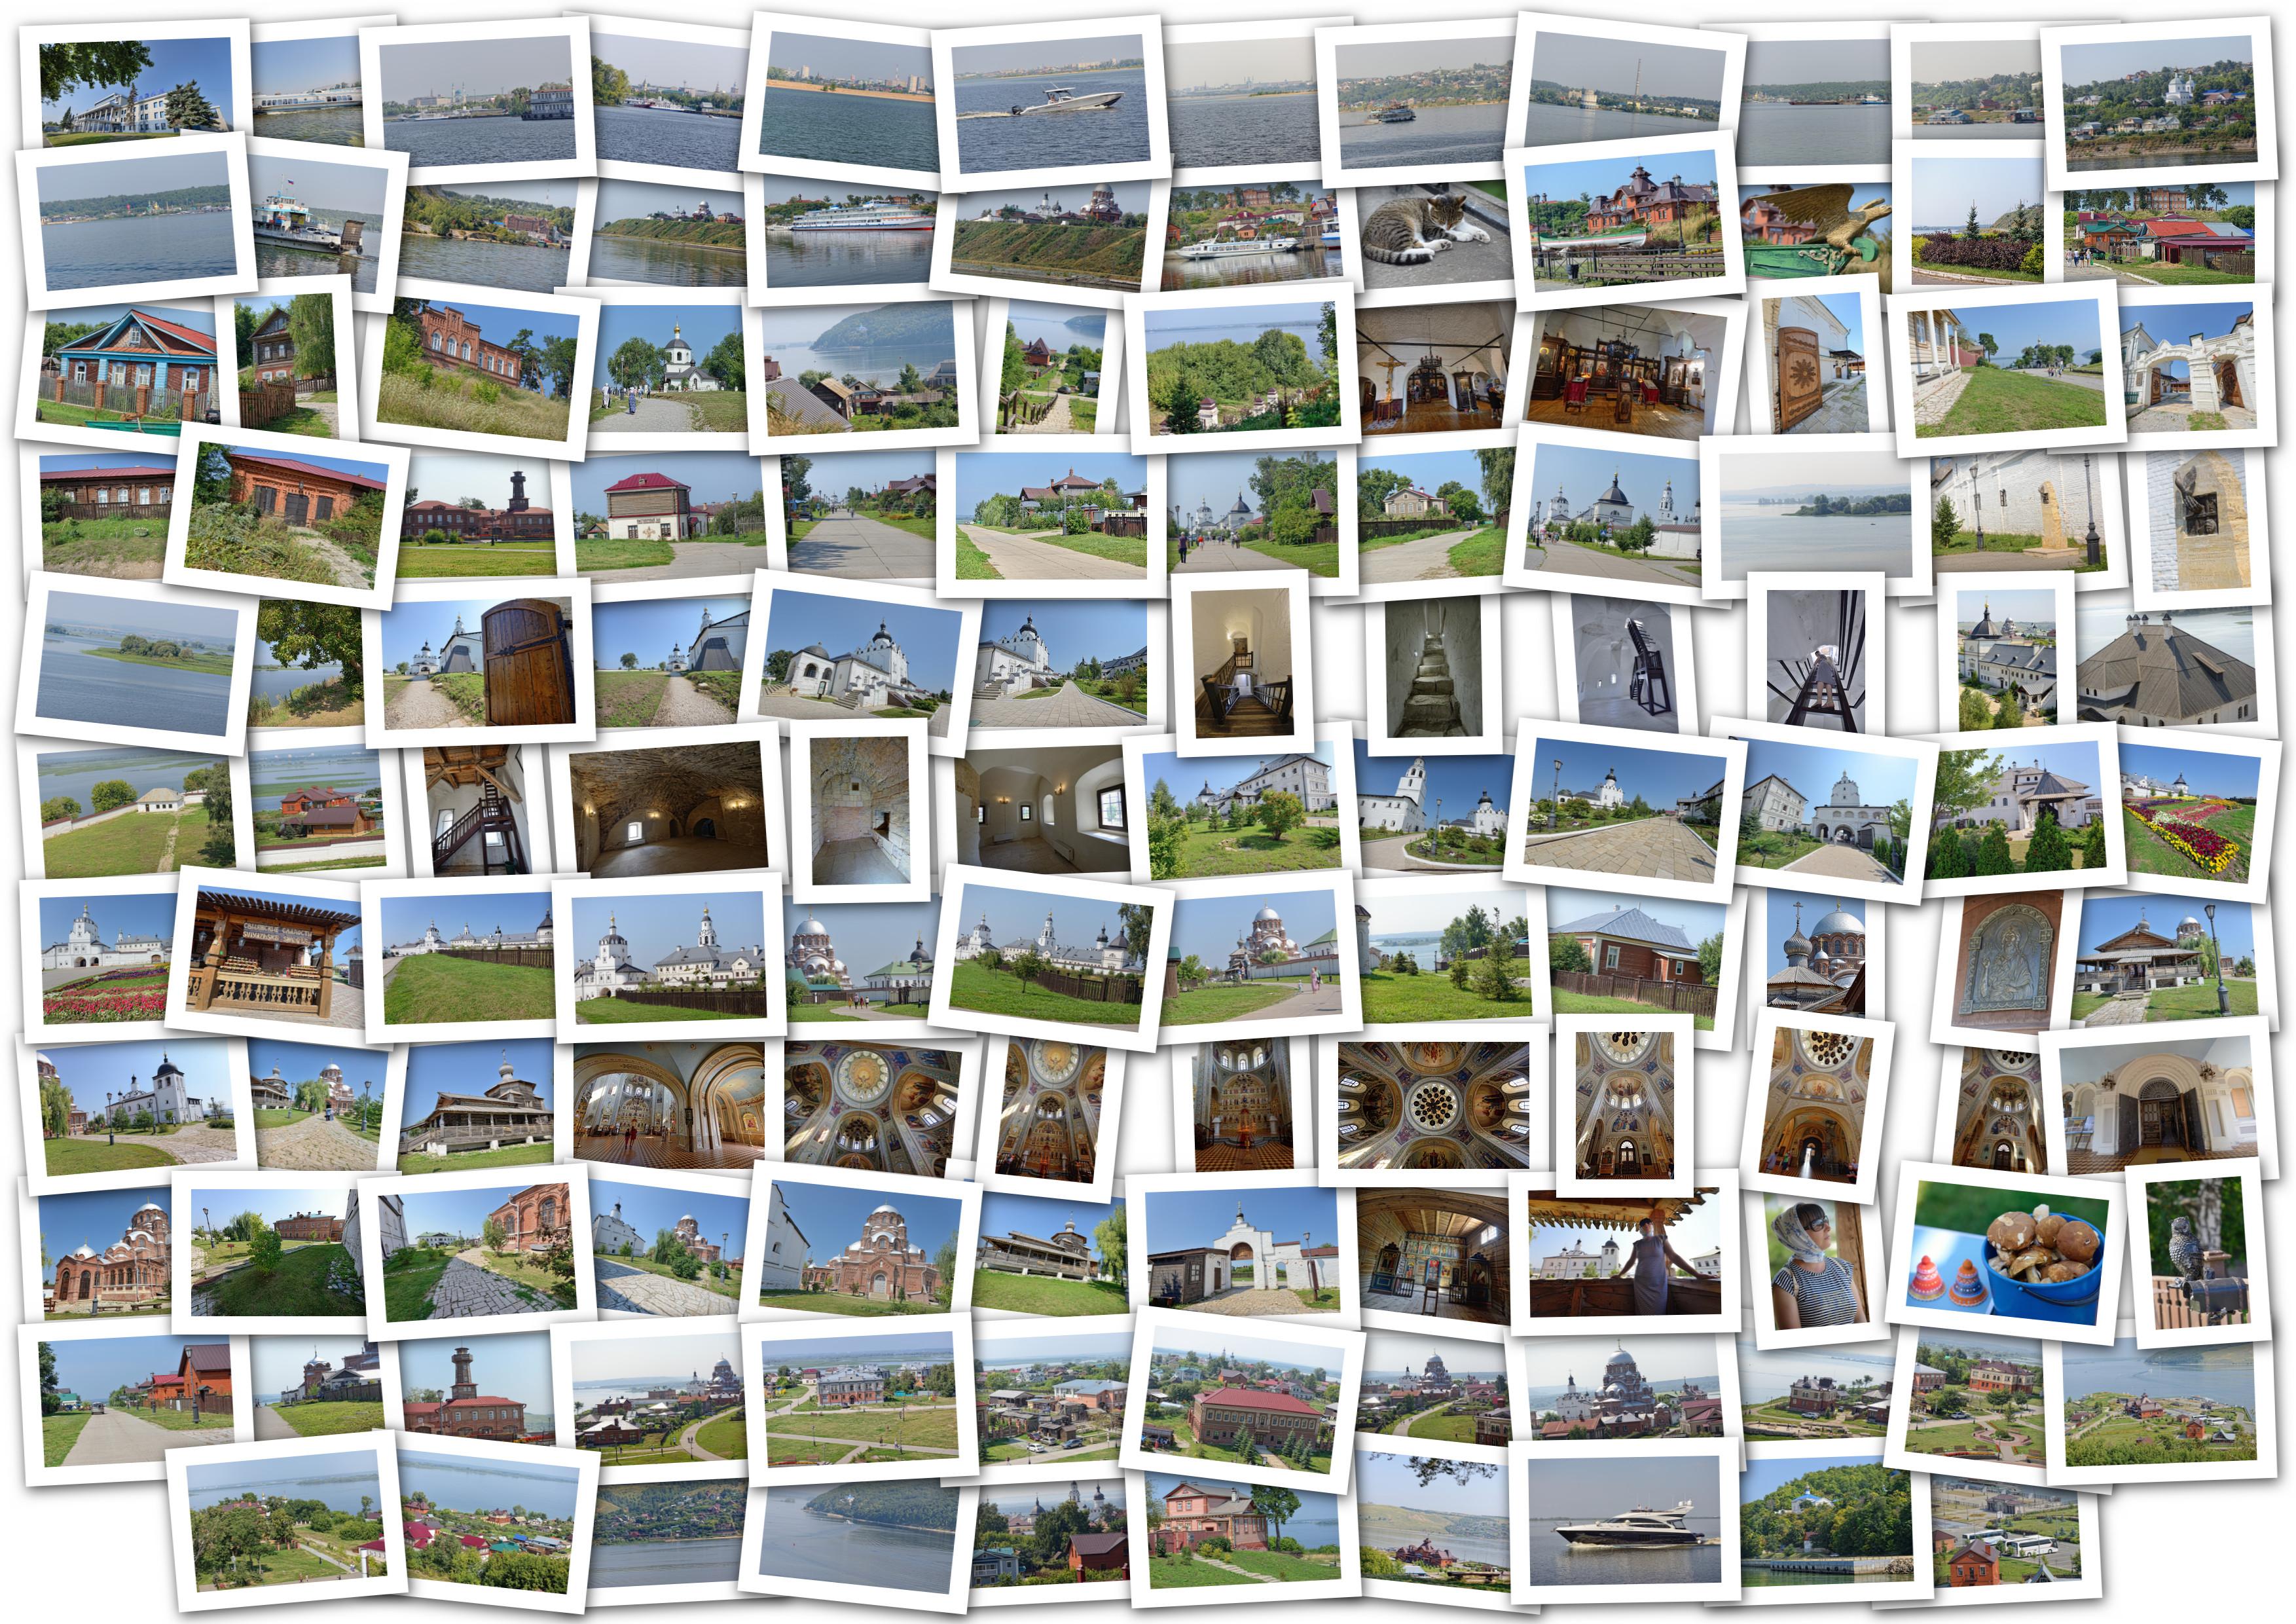 APC_Collage - 2021.06.30 15.31 - 001